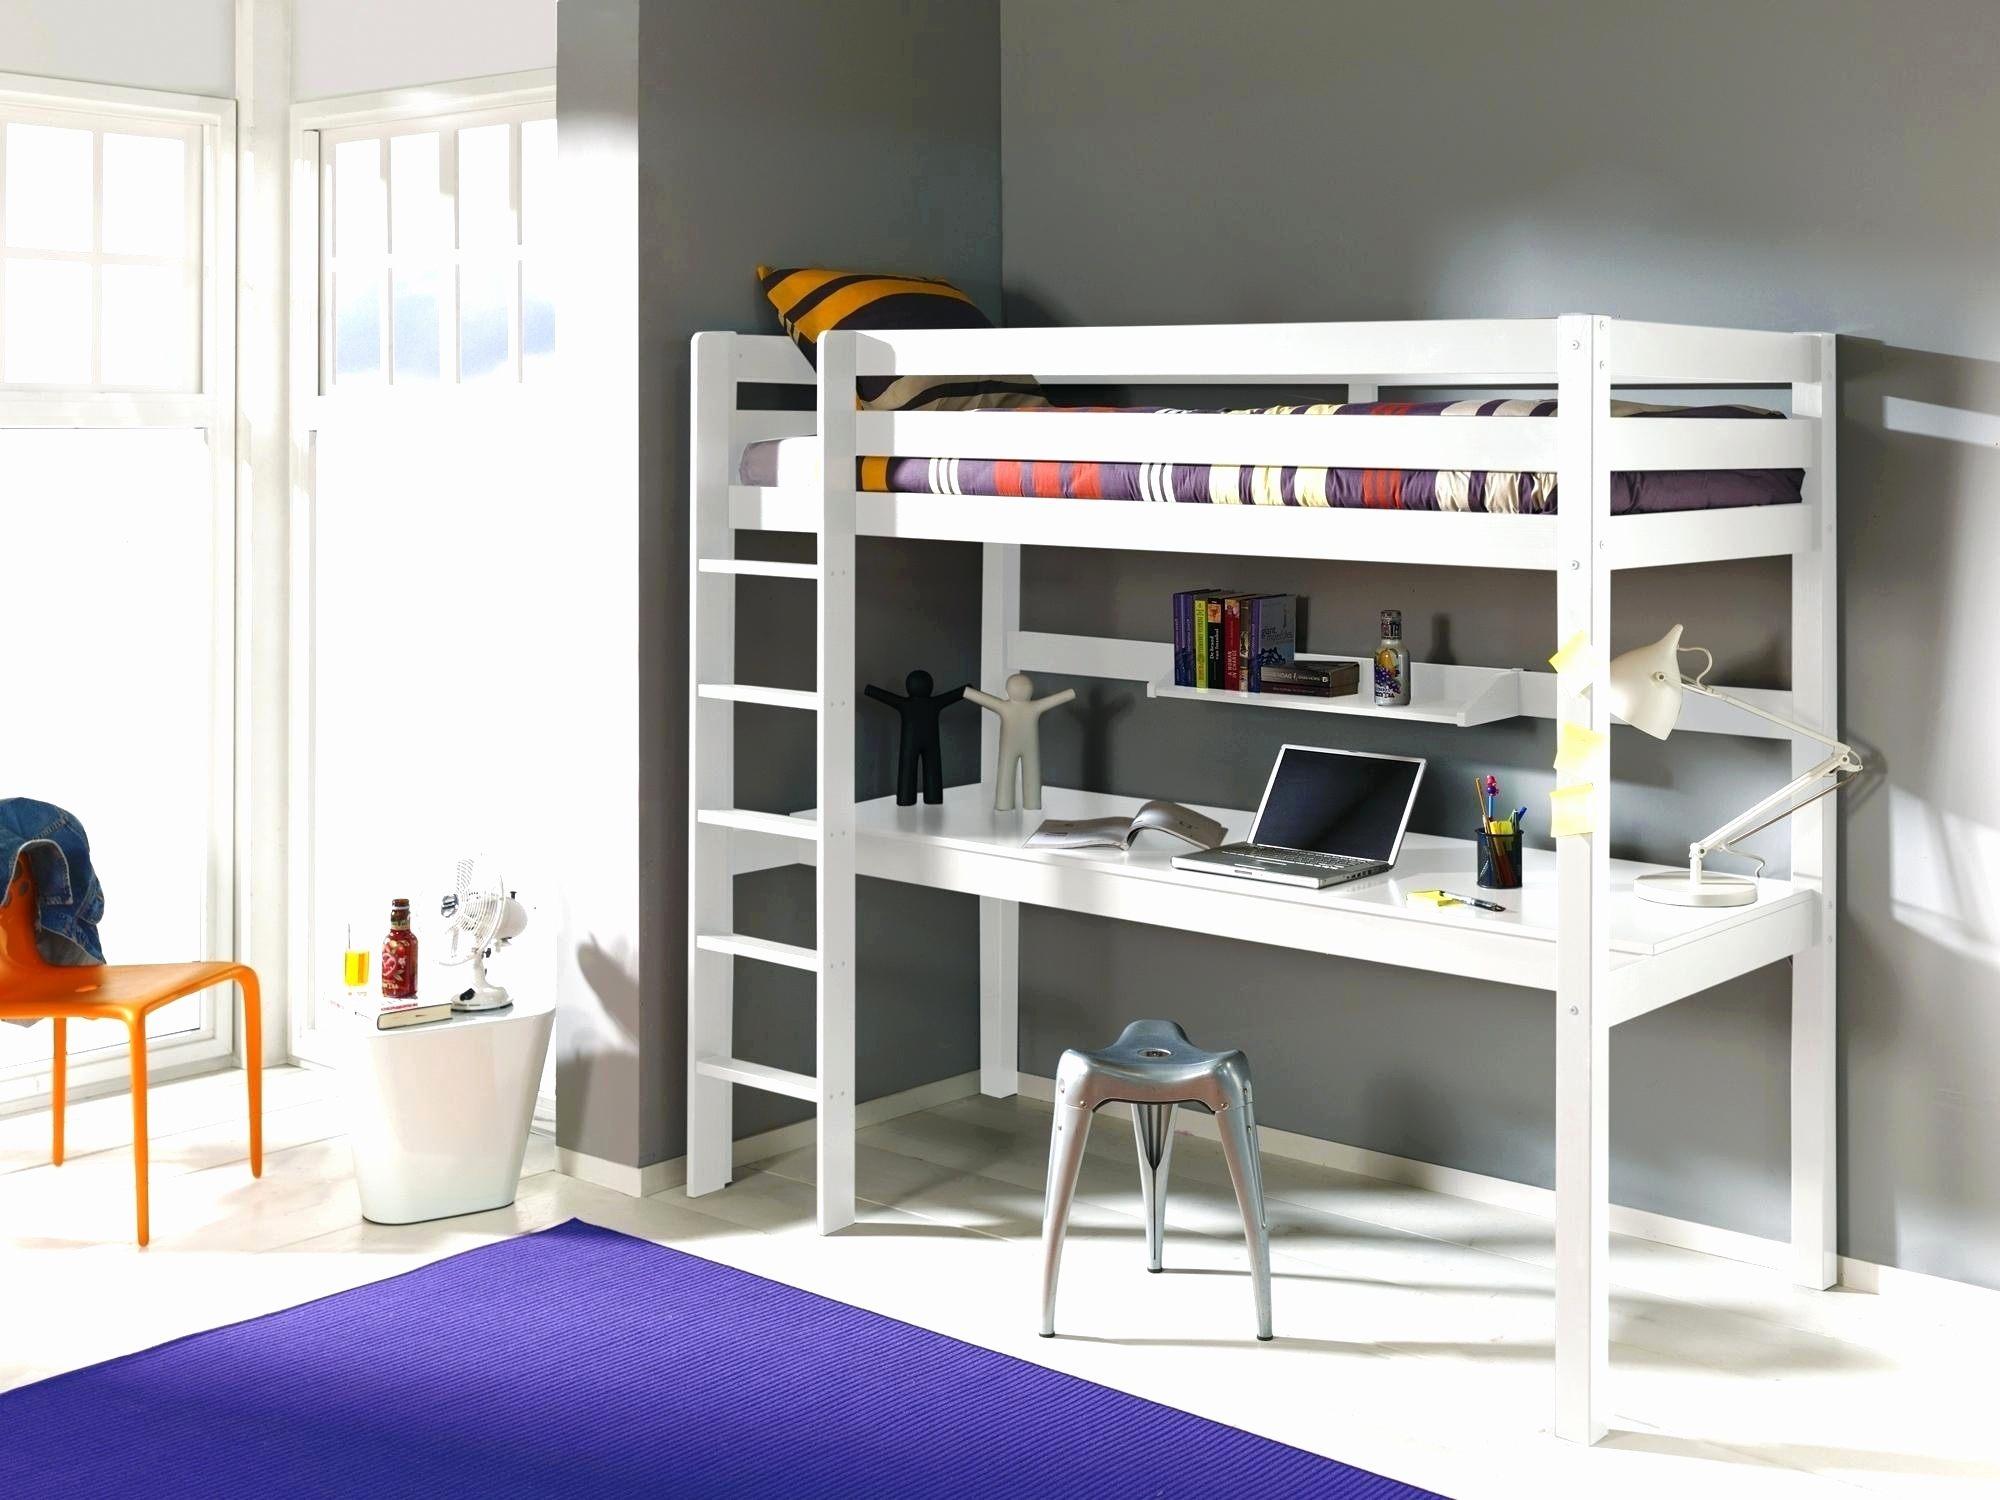 Lit Mezzanine Design Douce Lit Mezzanine Salon Chambre Mezzanine Adulte Beau Mezzanine Salon 0d